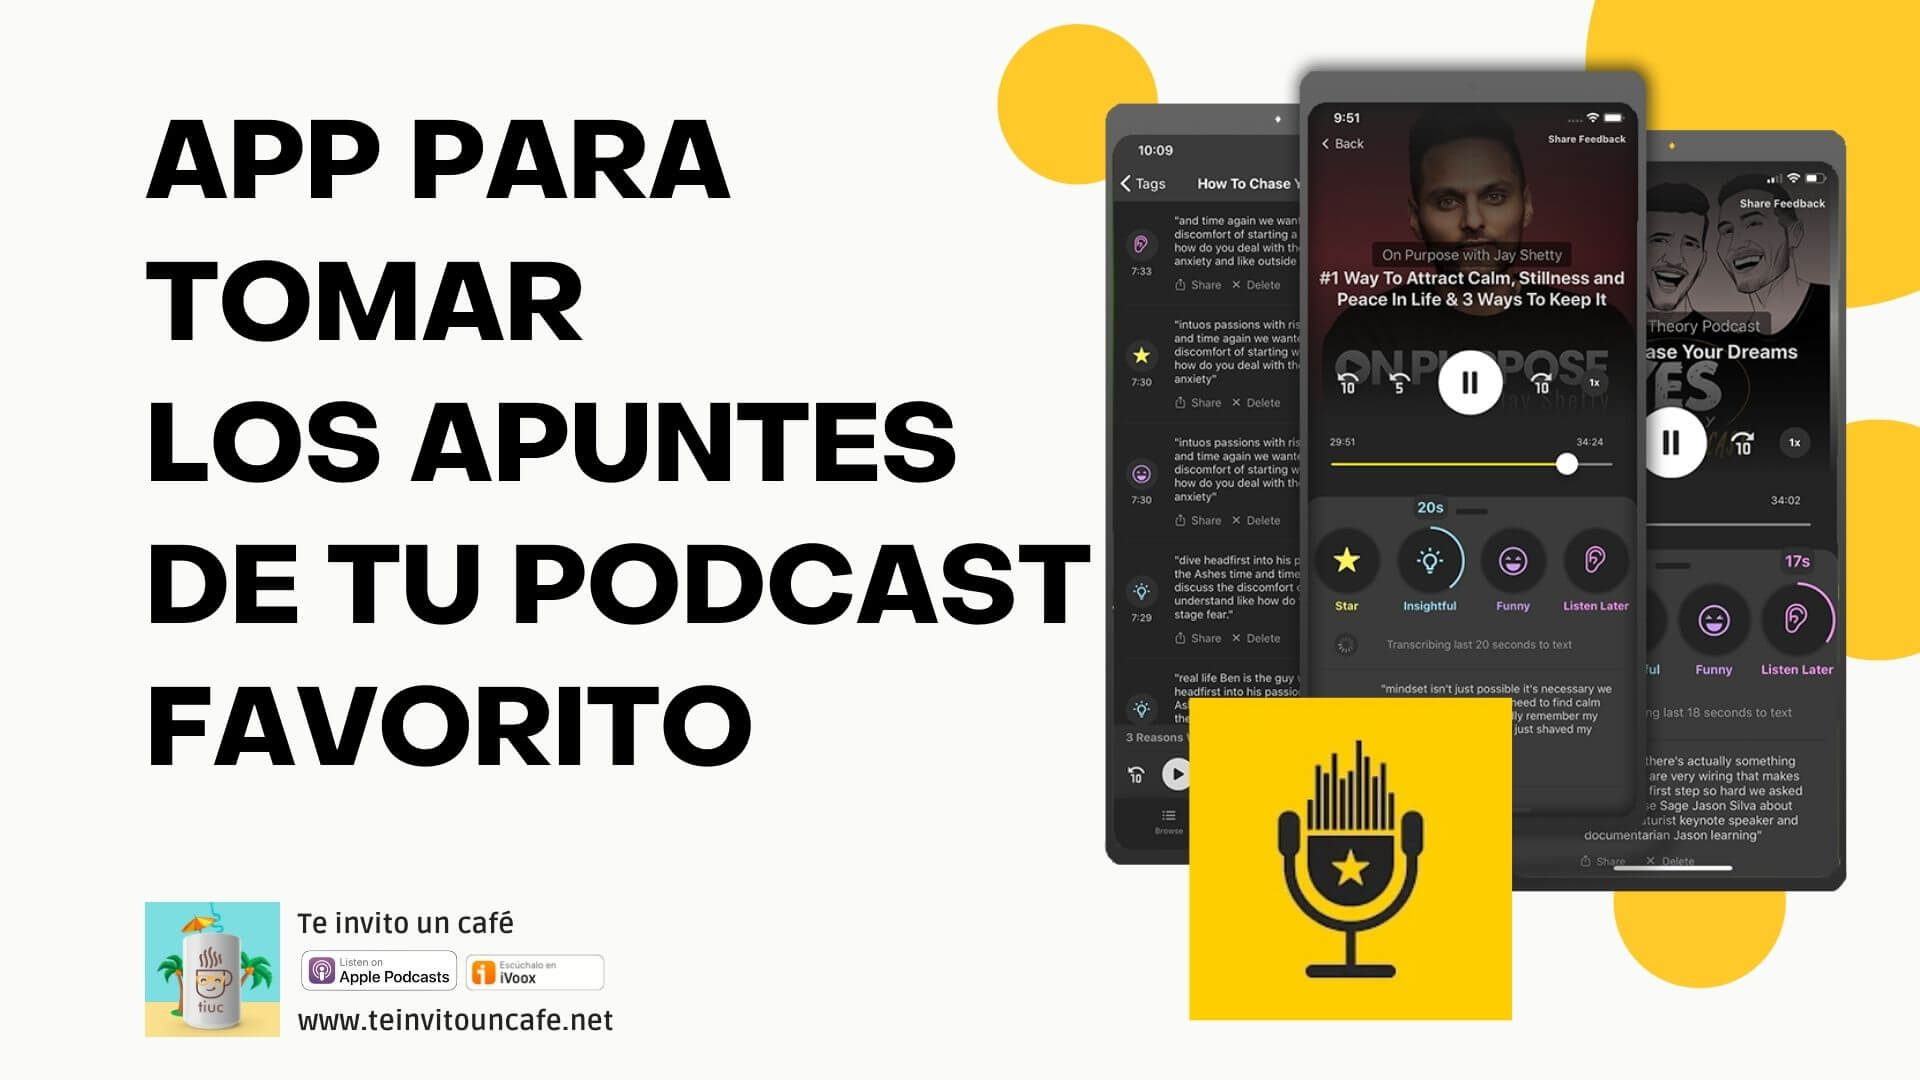 1306. App para Escuchar y Tomar apuntes de podcasts